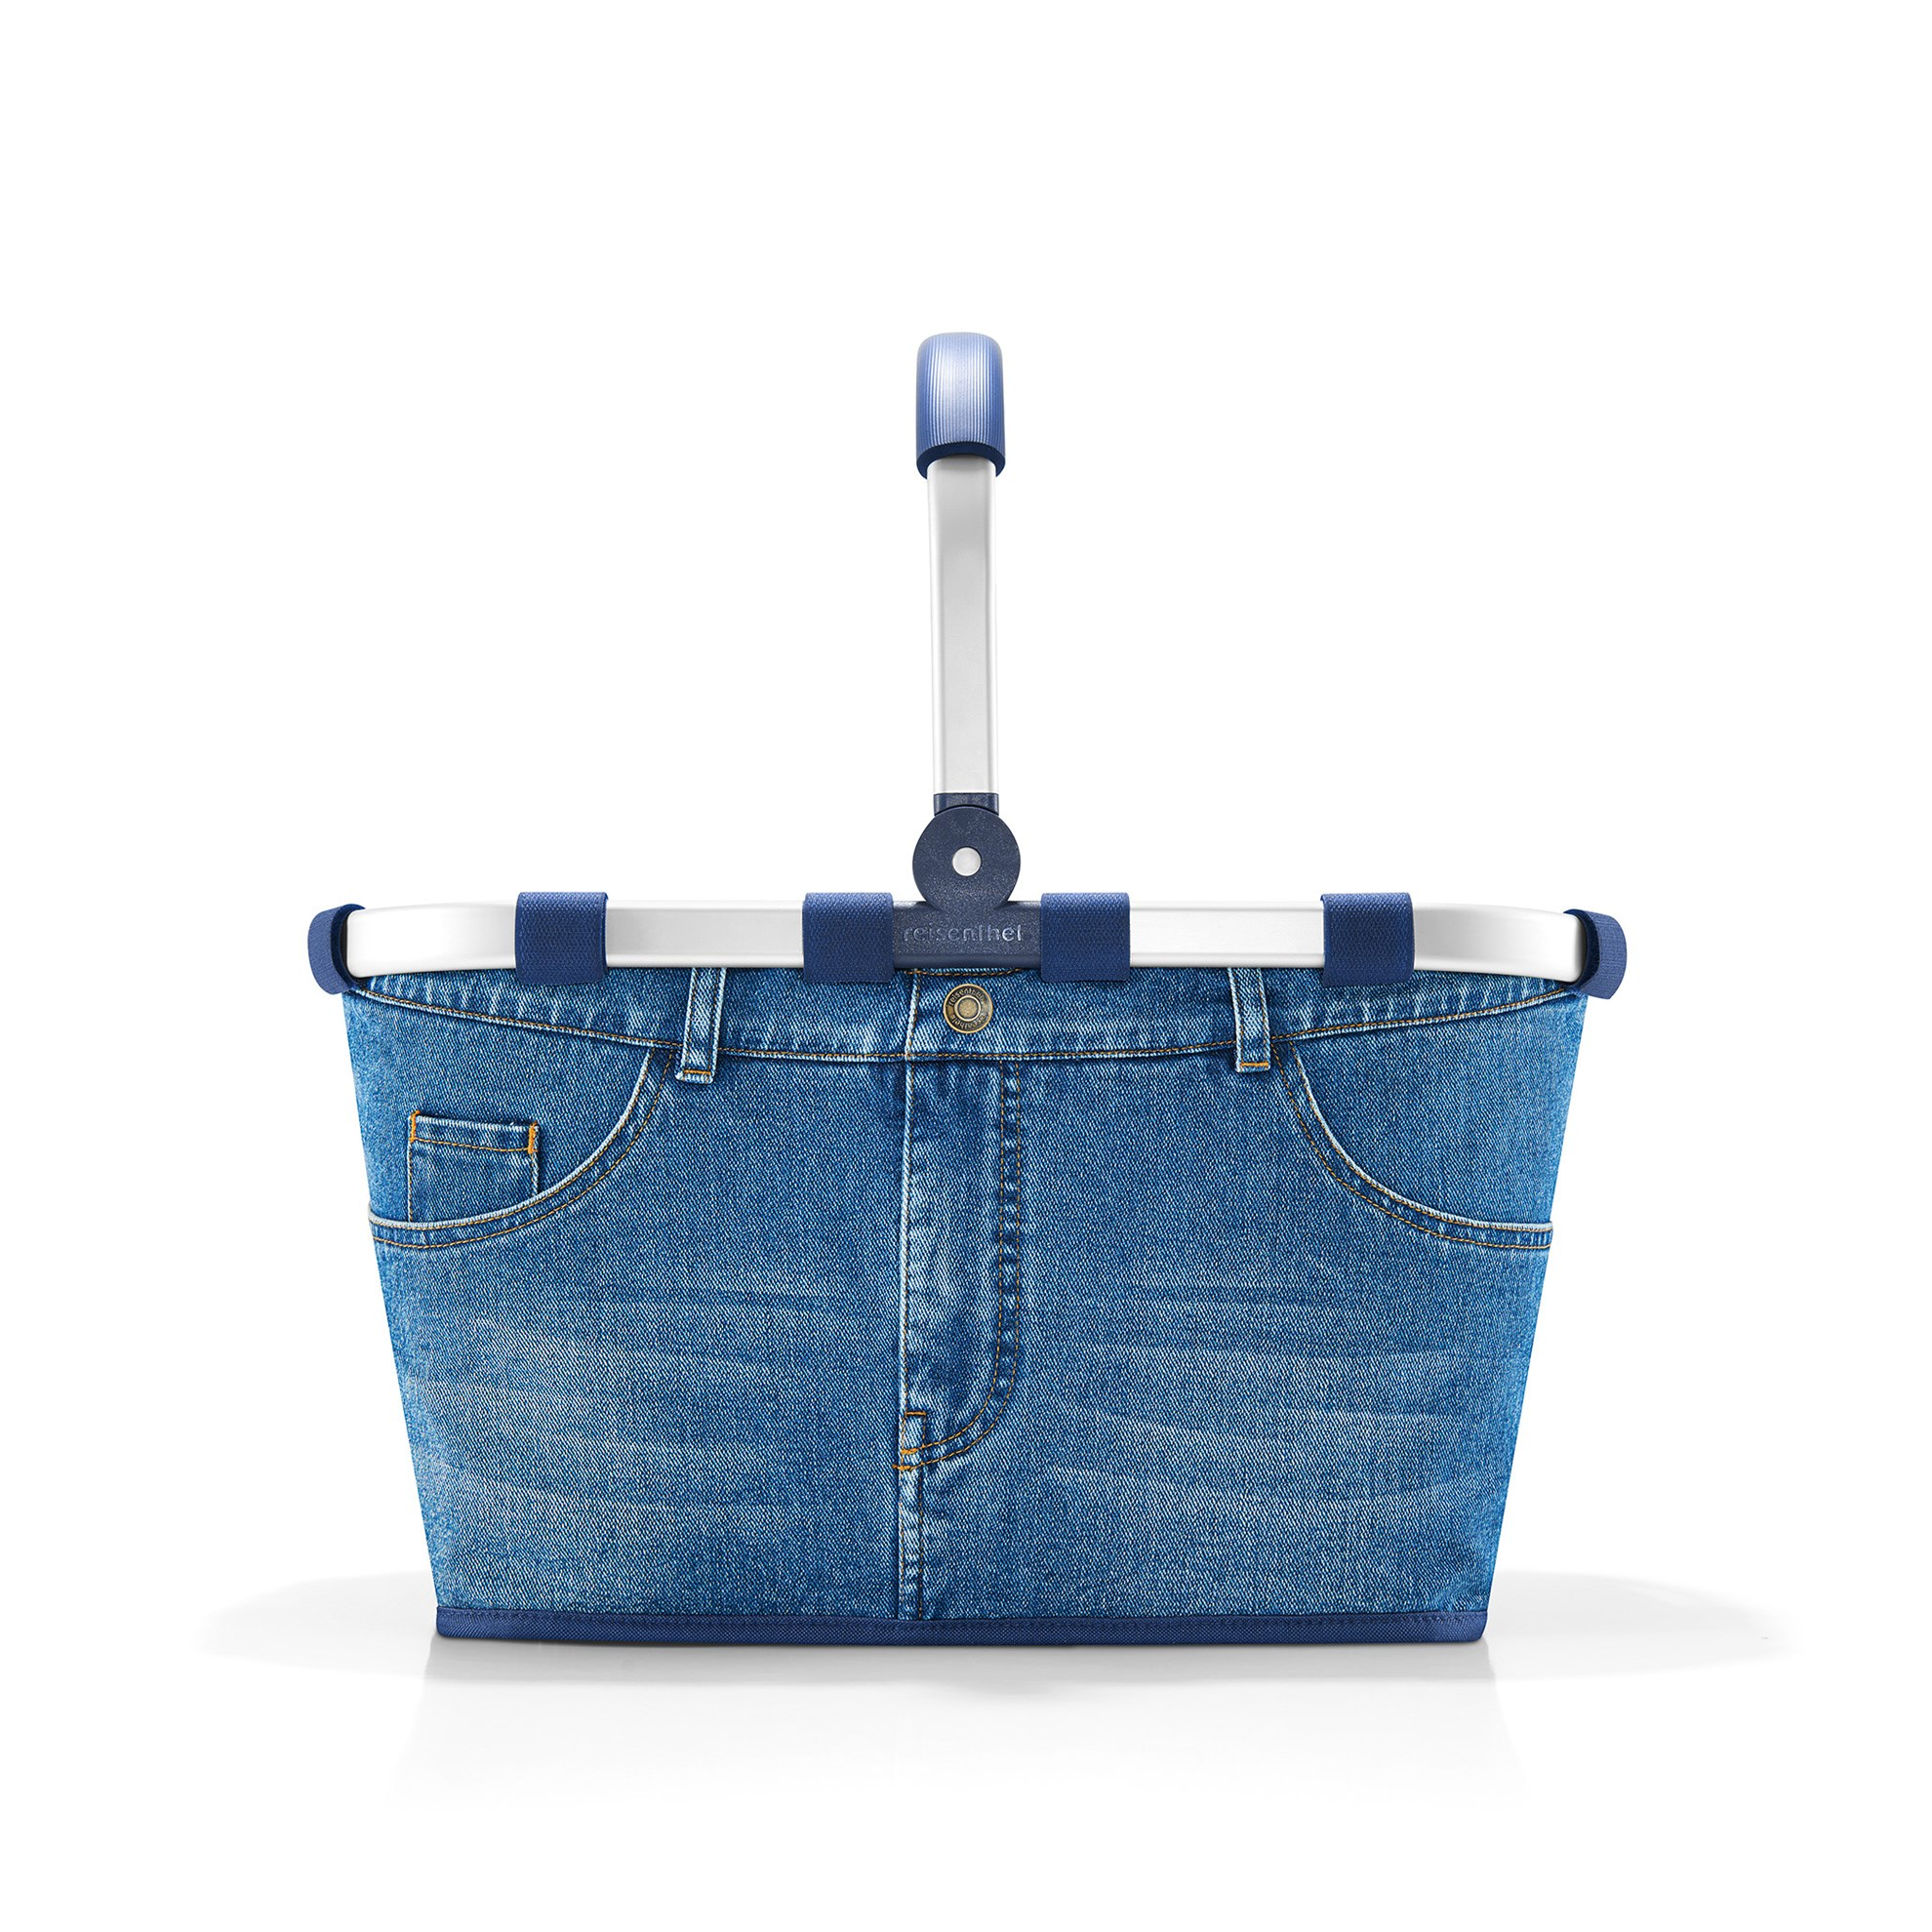 Nákupní košík CARRYBAG jeans_3